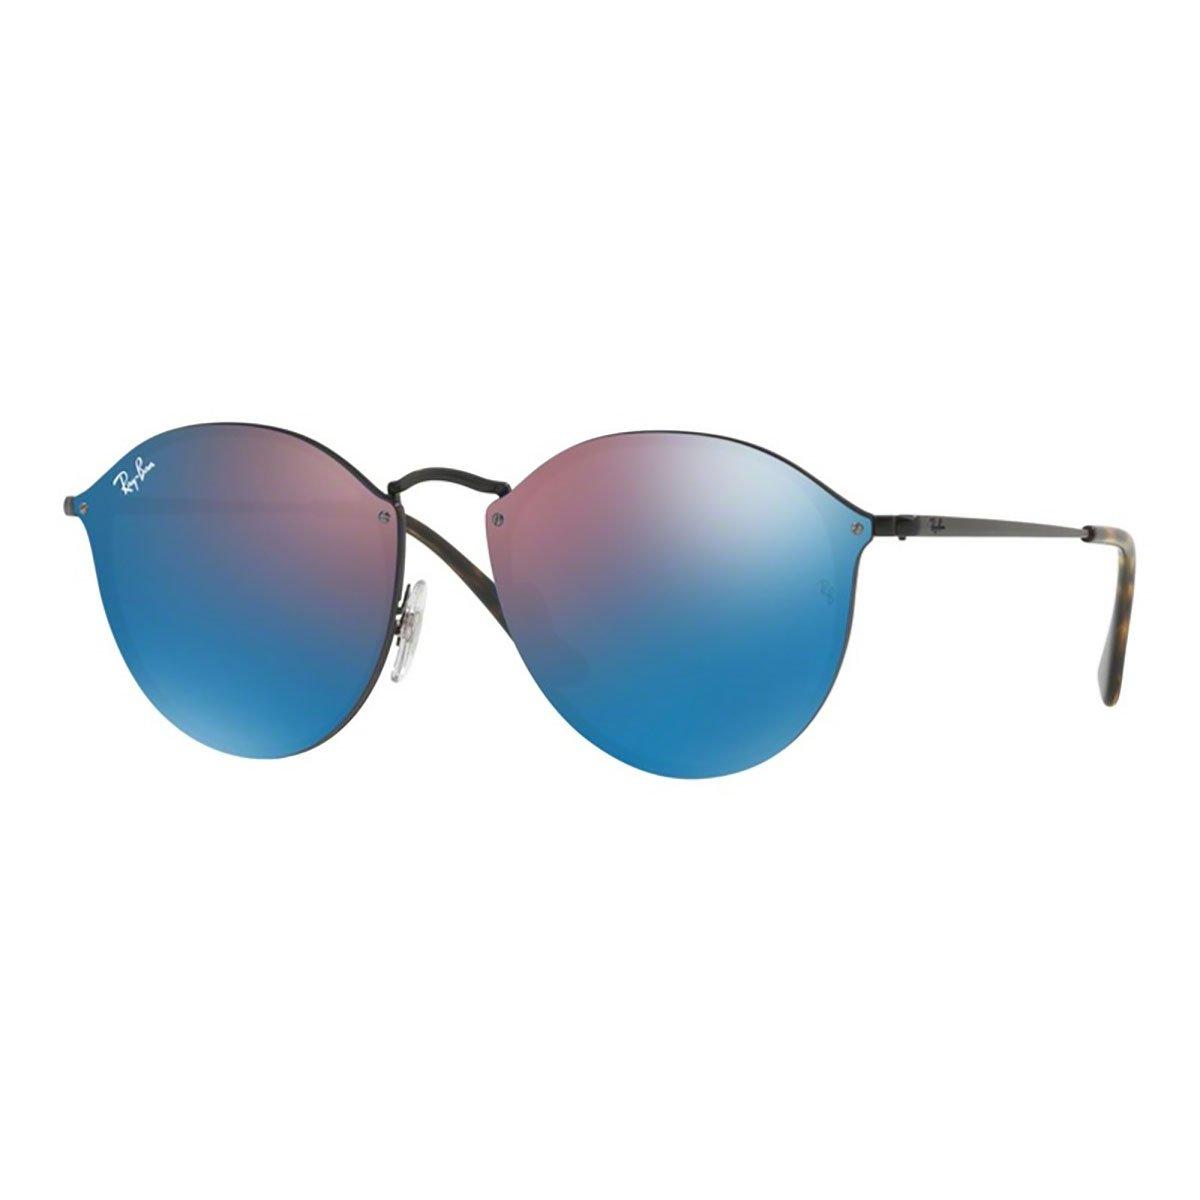 6464897112f8e Compre Óculos de Sol Ray Ban Blaze Round em 10X